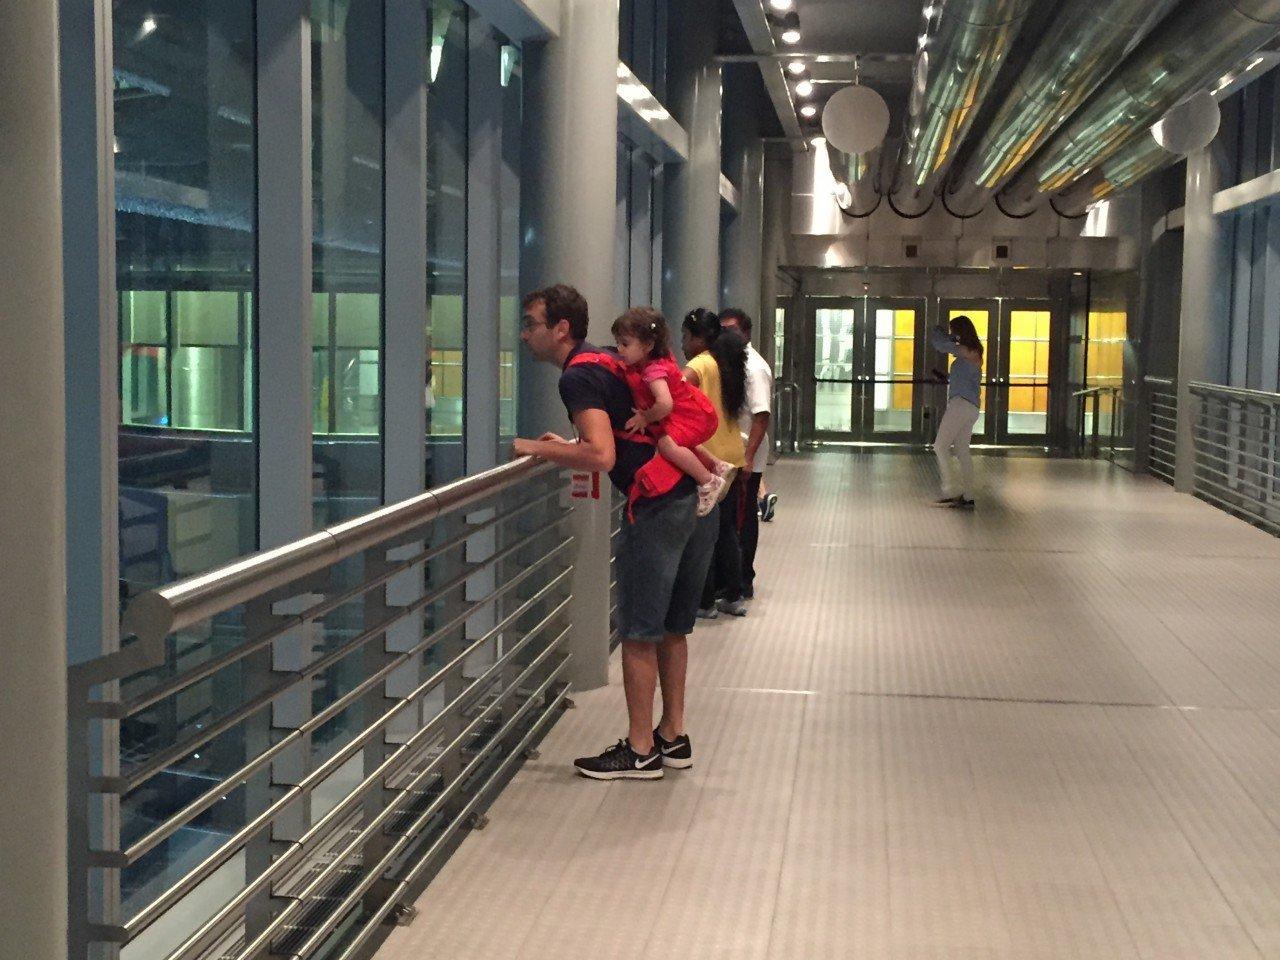 Skybridge petronas twins towers, Kuala lumpur con bambini, petronas towers con i bambini